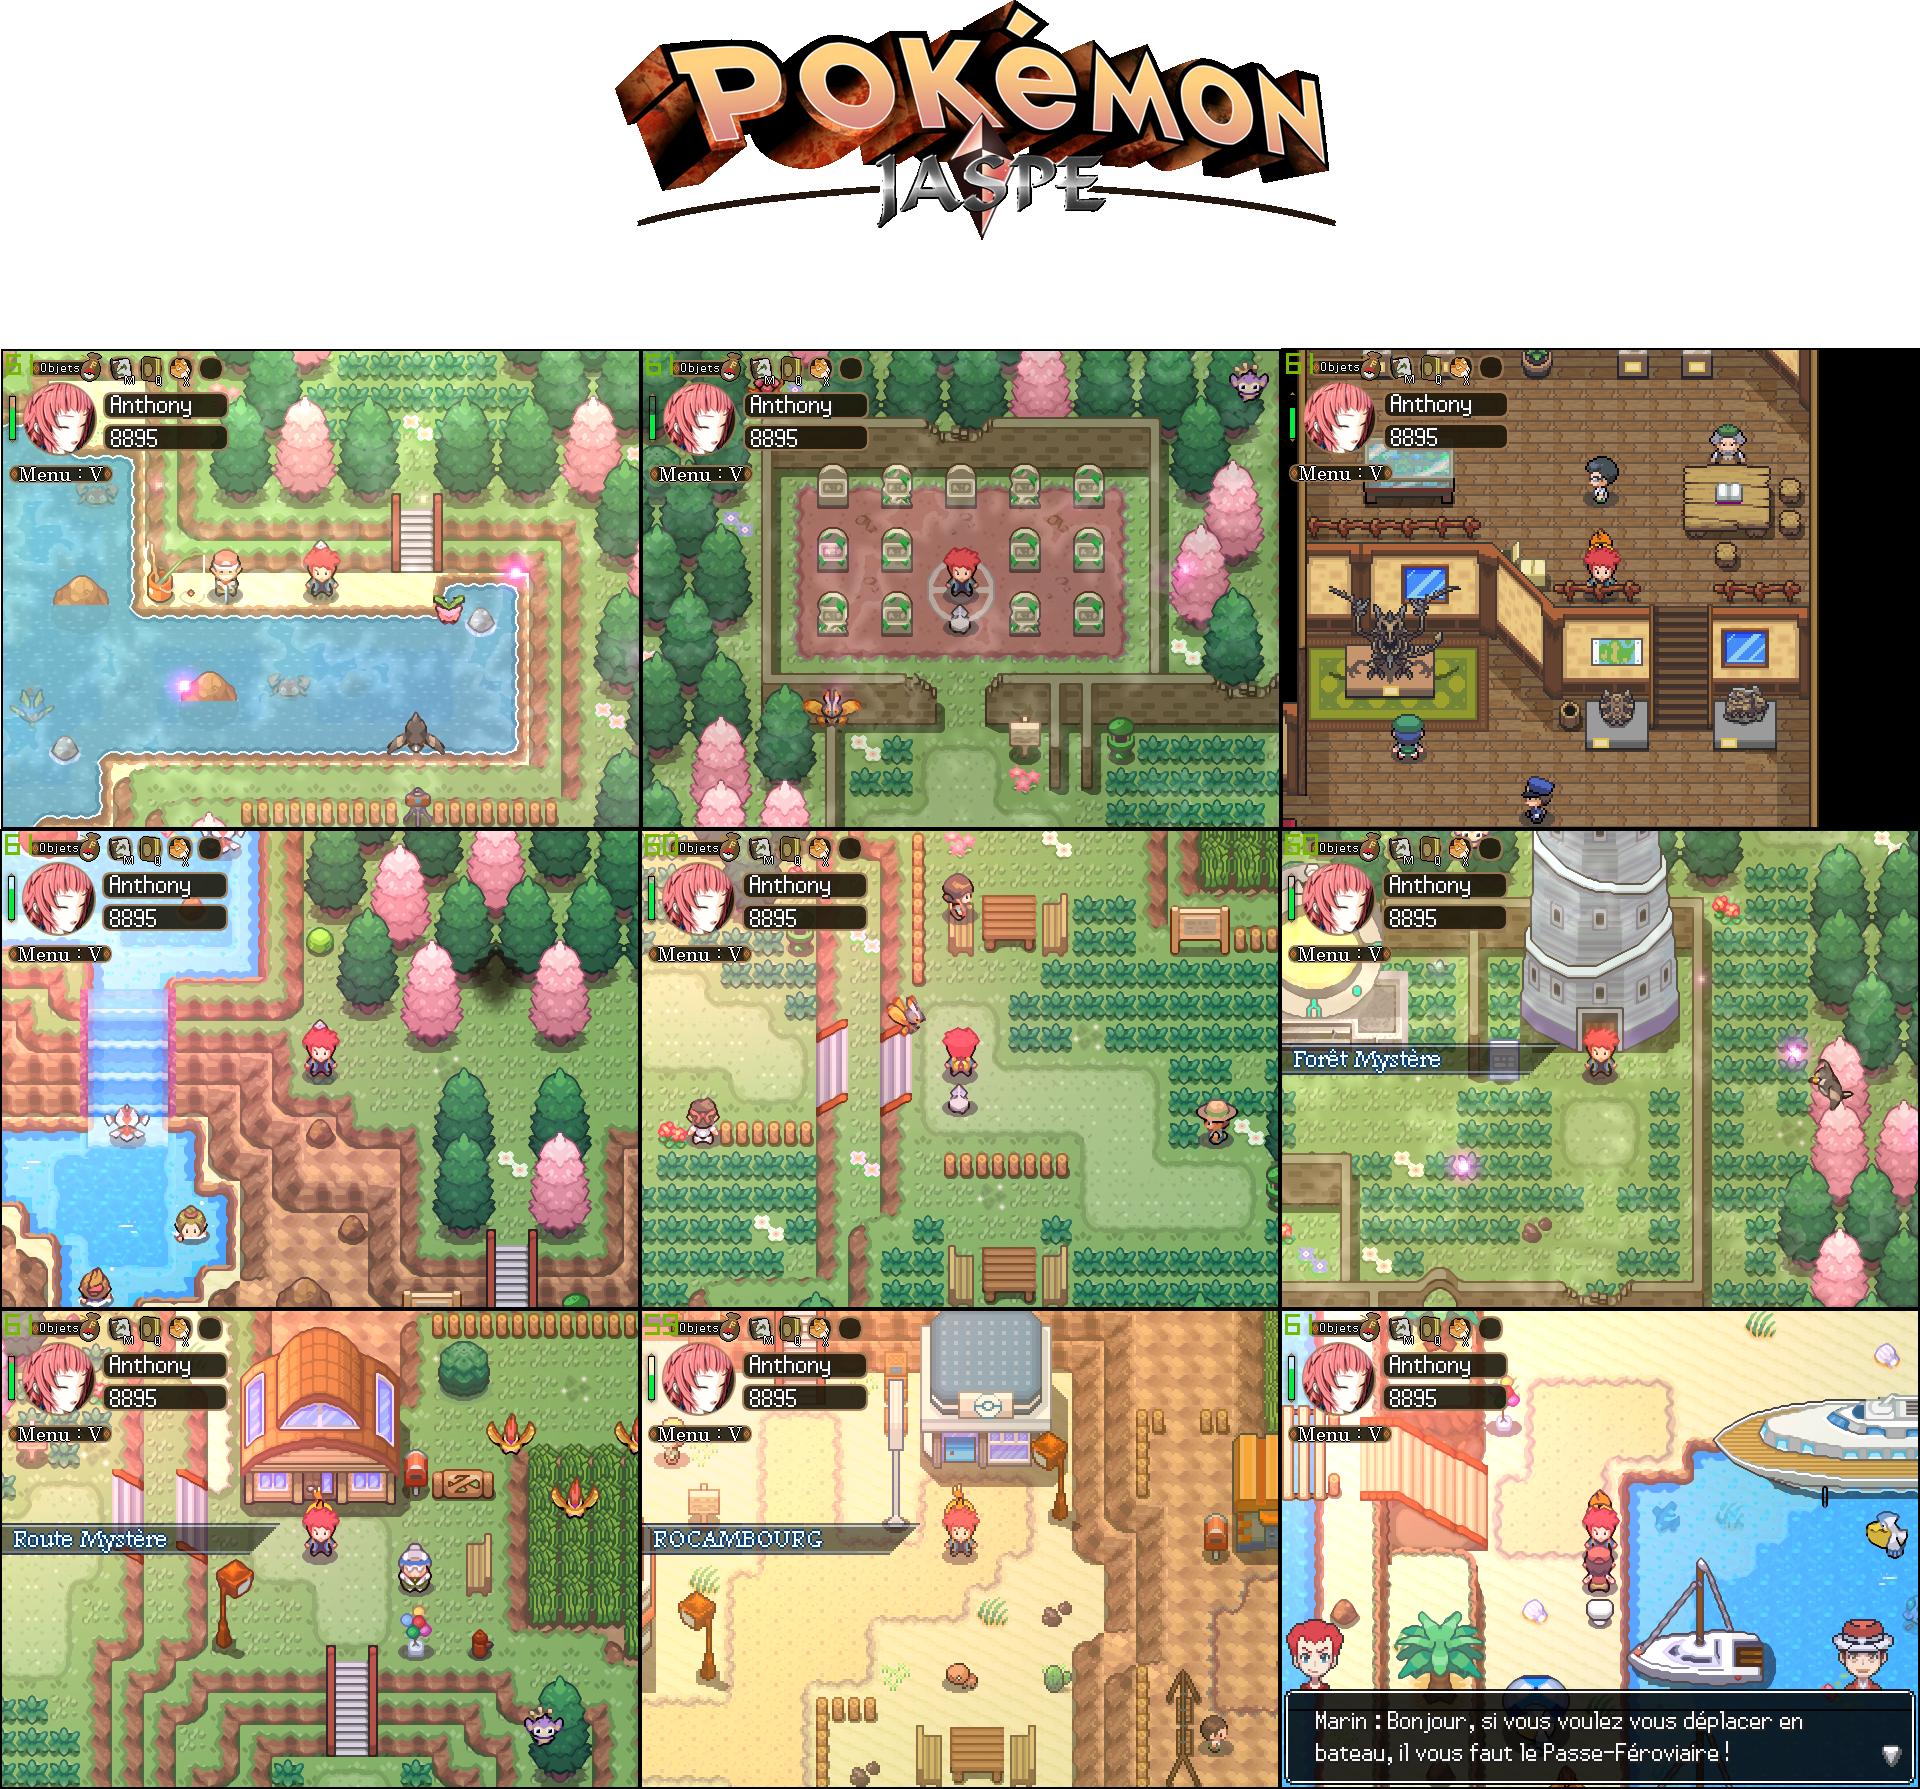 Pokémon Jaspe, nouvelle démo disponible ! Planche_2.0-56b90f8